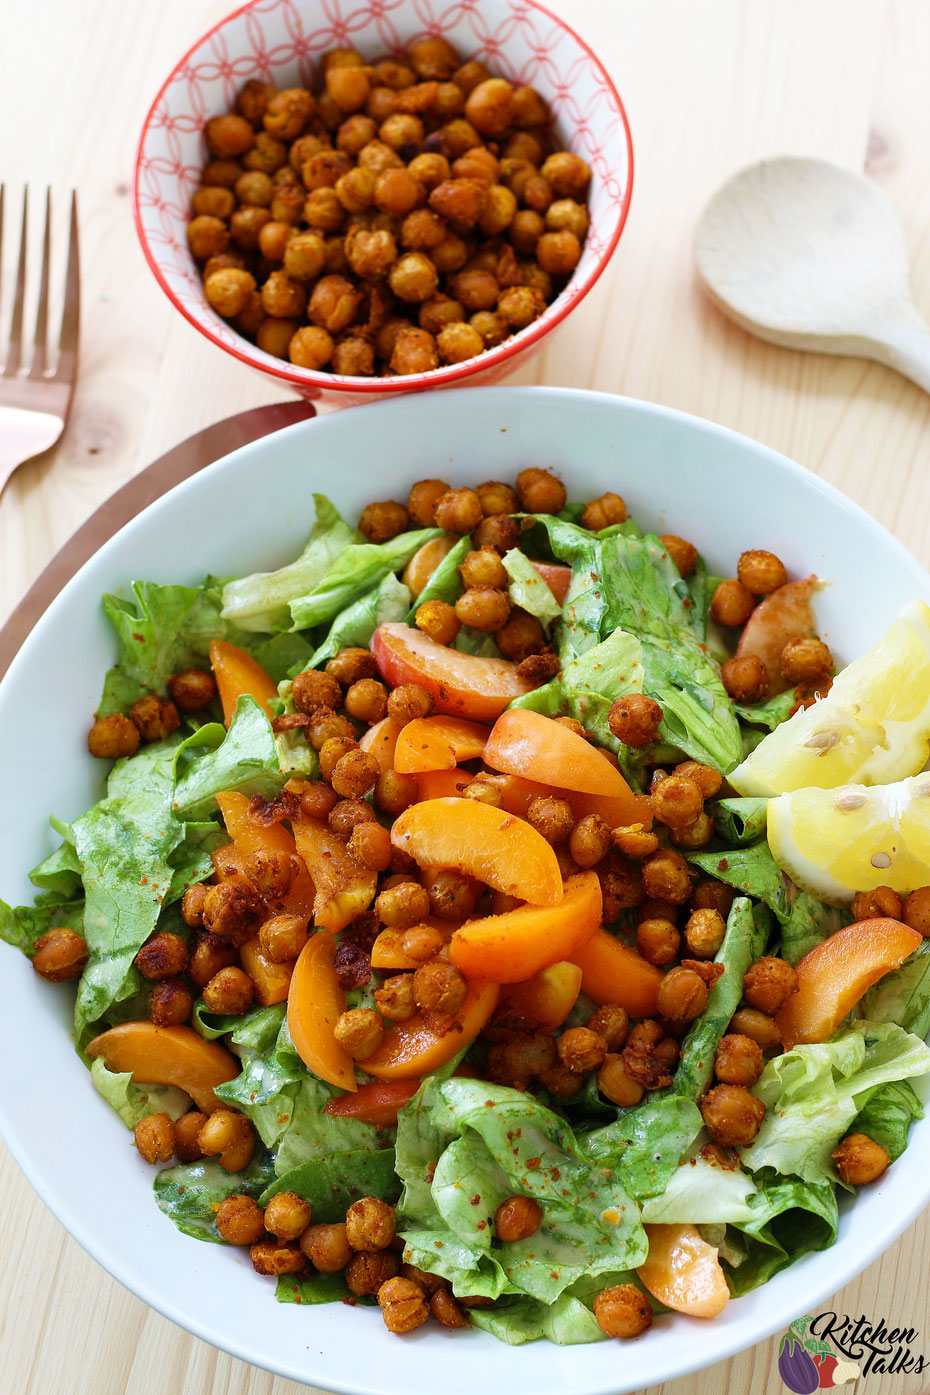 Sommersalat , Salat mit Kichererbsen , Kichererbsensalat , gesundes Abendessen , gesundes mittagessen , abnehmen , kalorienarm , gesund abnehmen , Kopfsalat , Kichererbsen , Aprikosen , Salat rezepte , rezepte , schnelles rezept